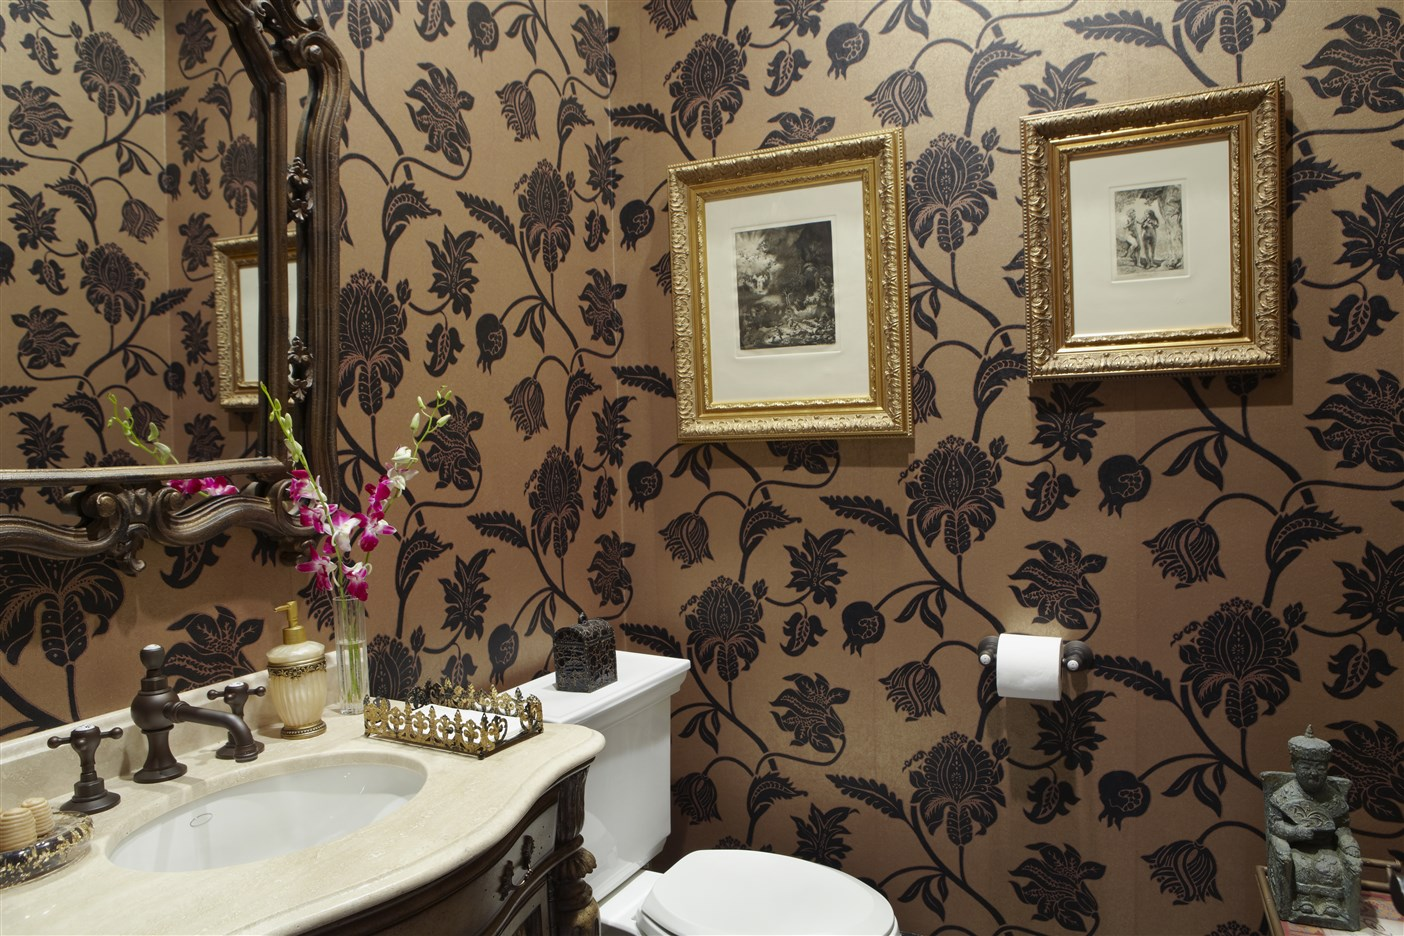 Golden-Bathroom-1-1404-x-936.jpg